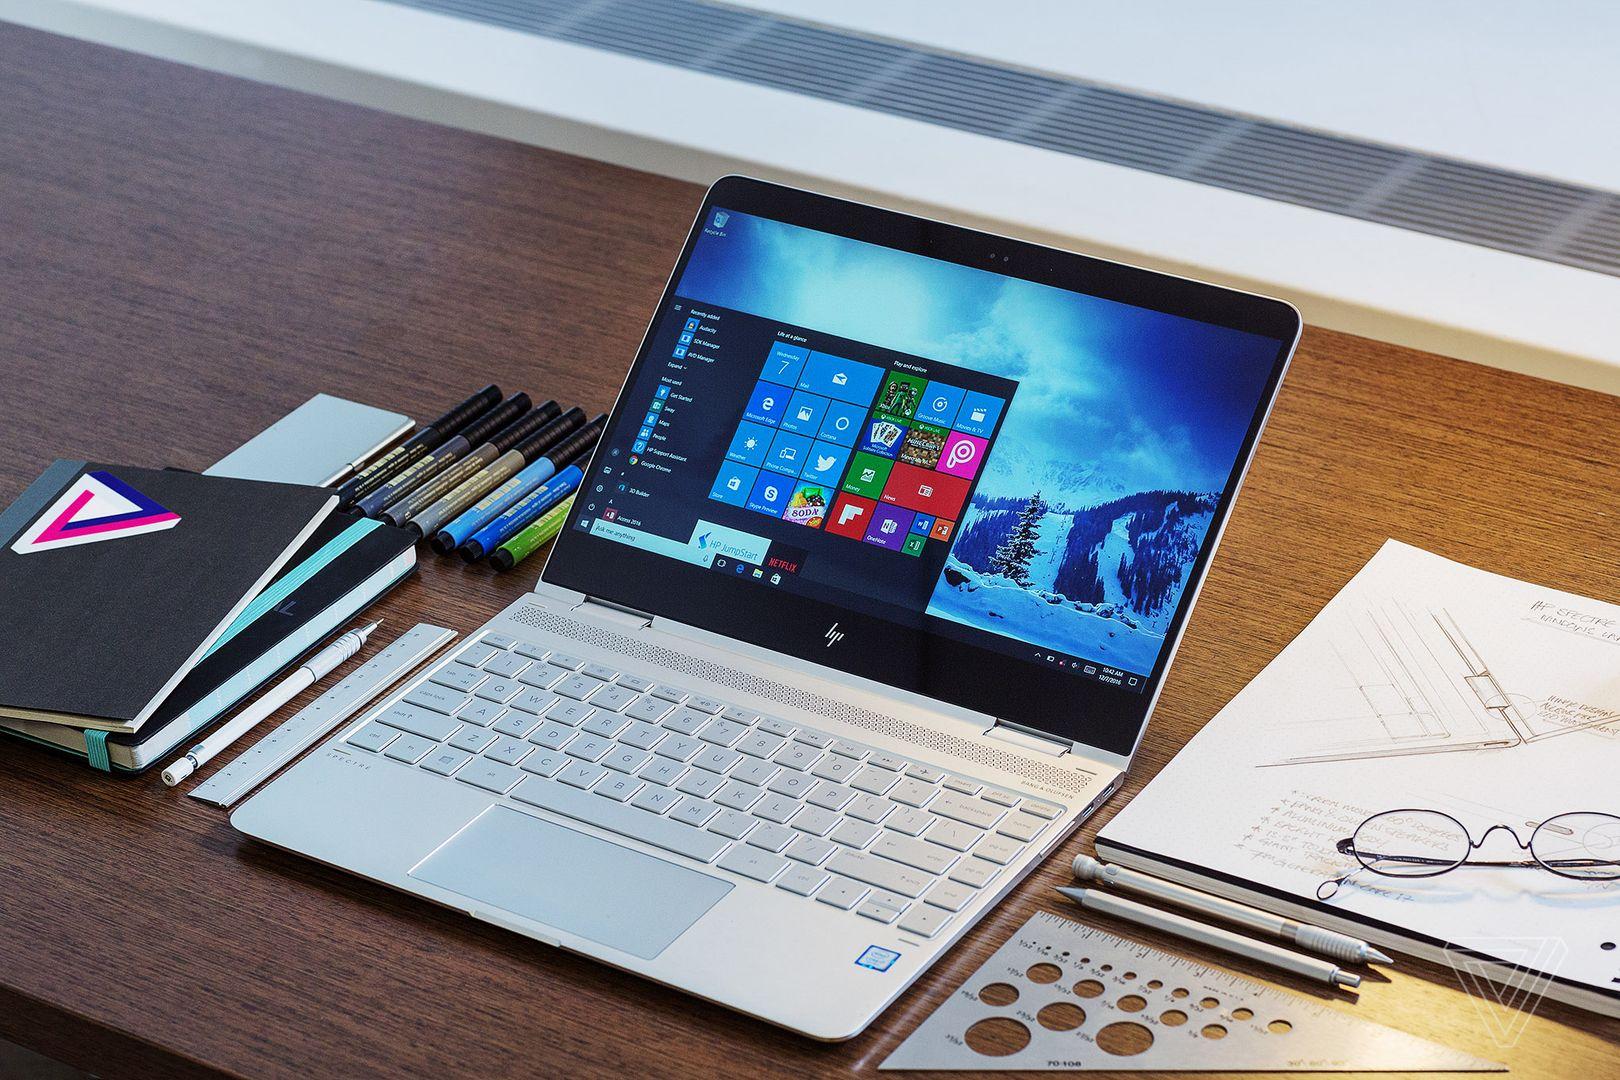 Lộ cấu hình tối thiểu máy Windows 10 Cloud của Microsoft: Vi xử lý lõi tứ, 4 GB RAM, pin 40 WHr